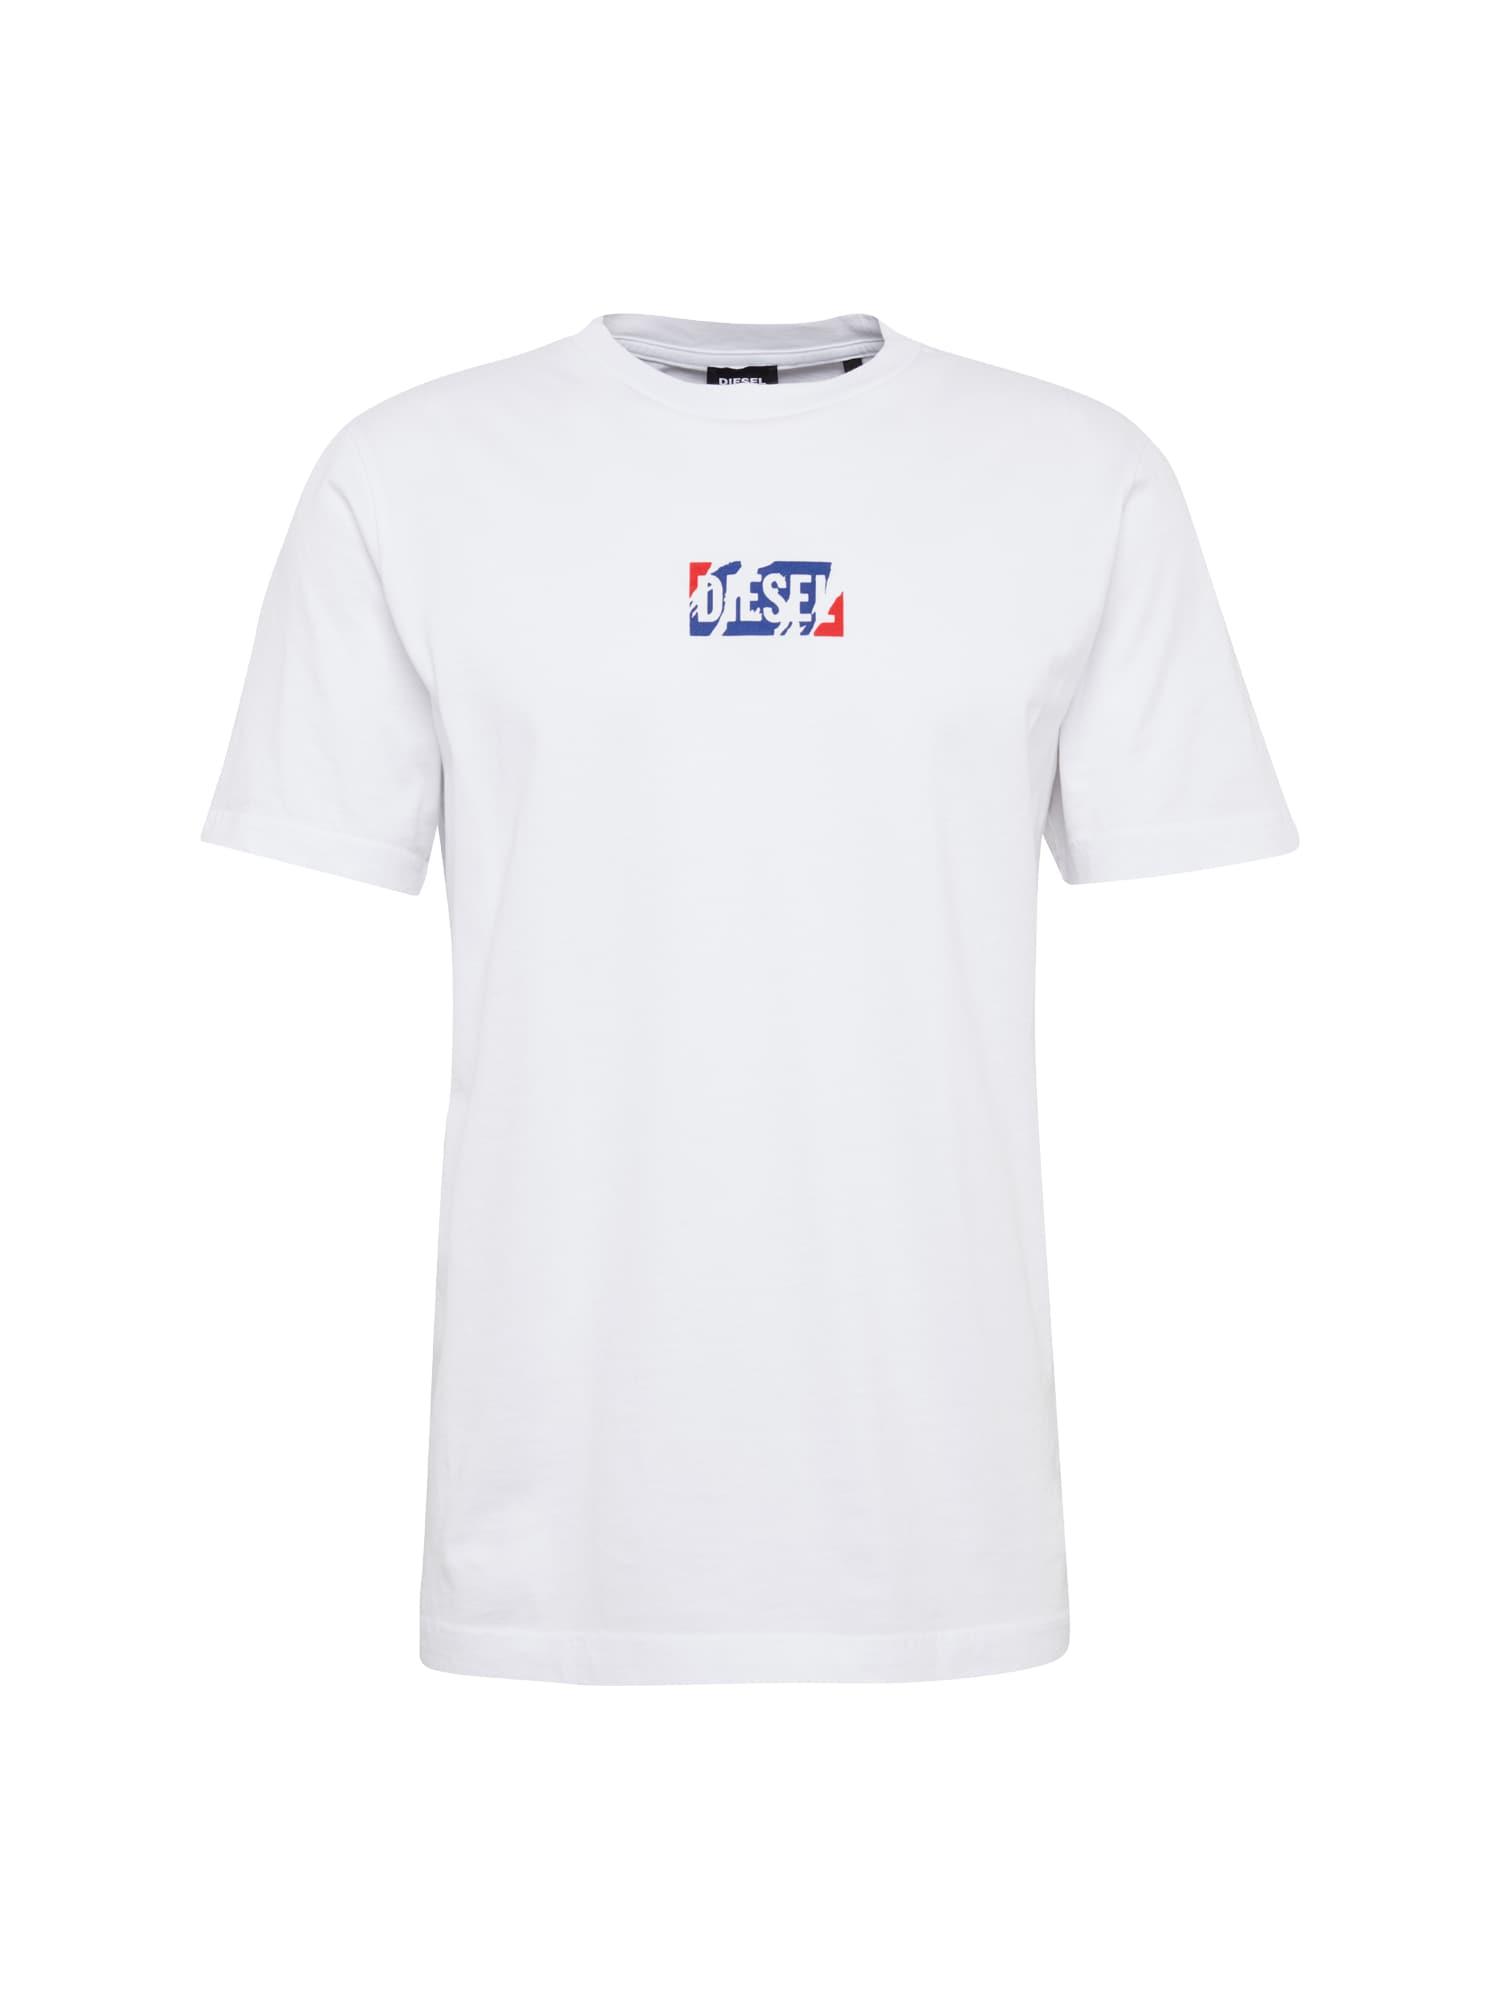 DIESEL Heren Shirt T-JUST-ZC HEMD blauw rood wit